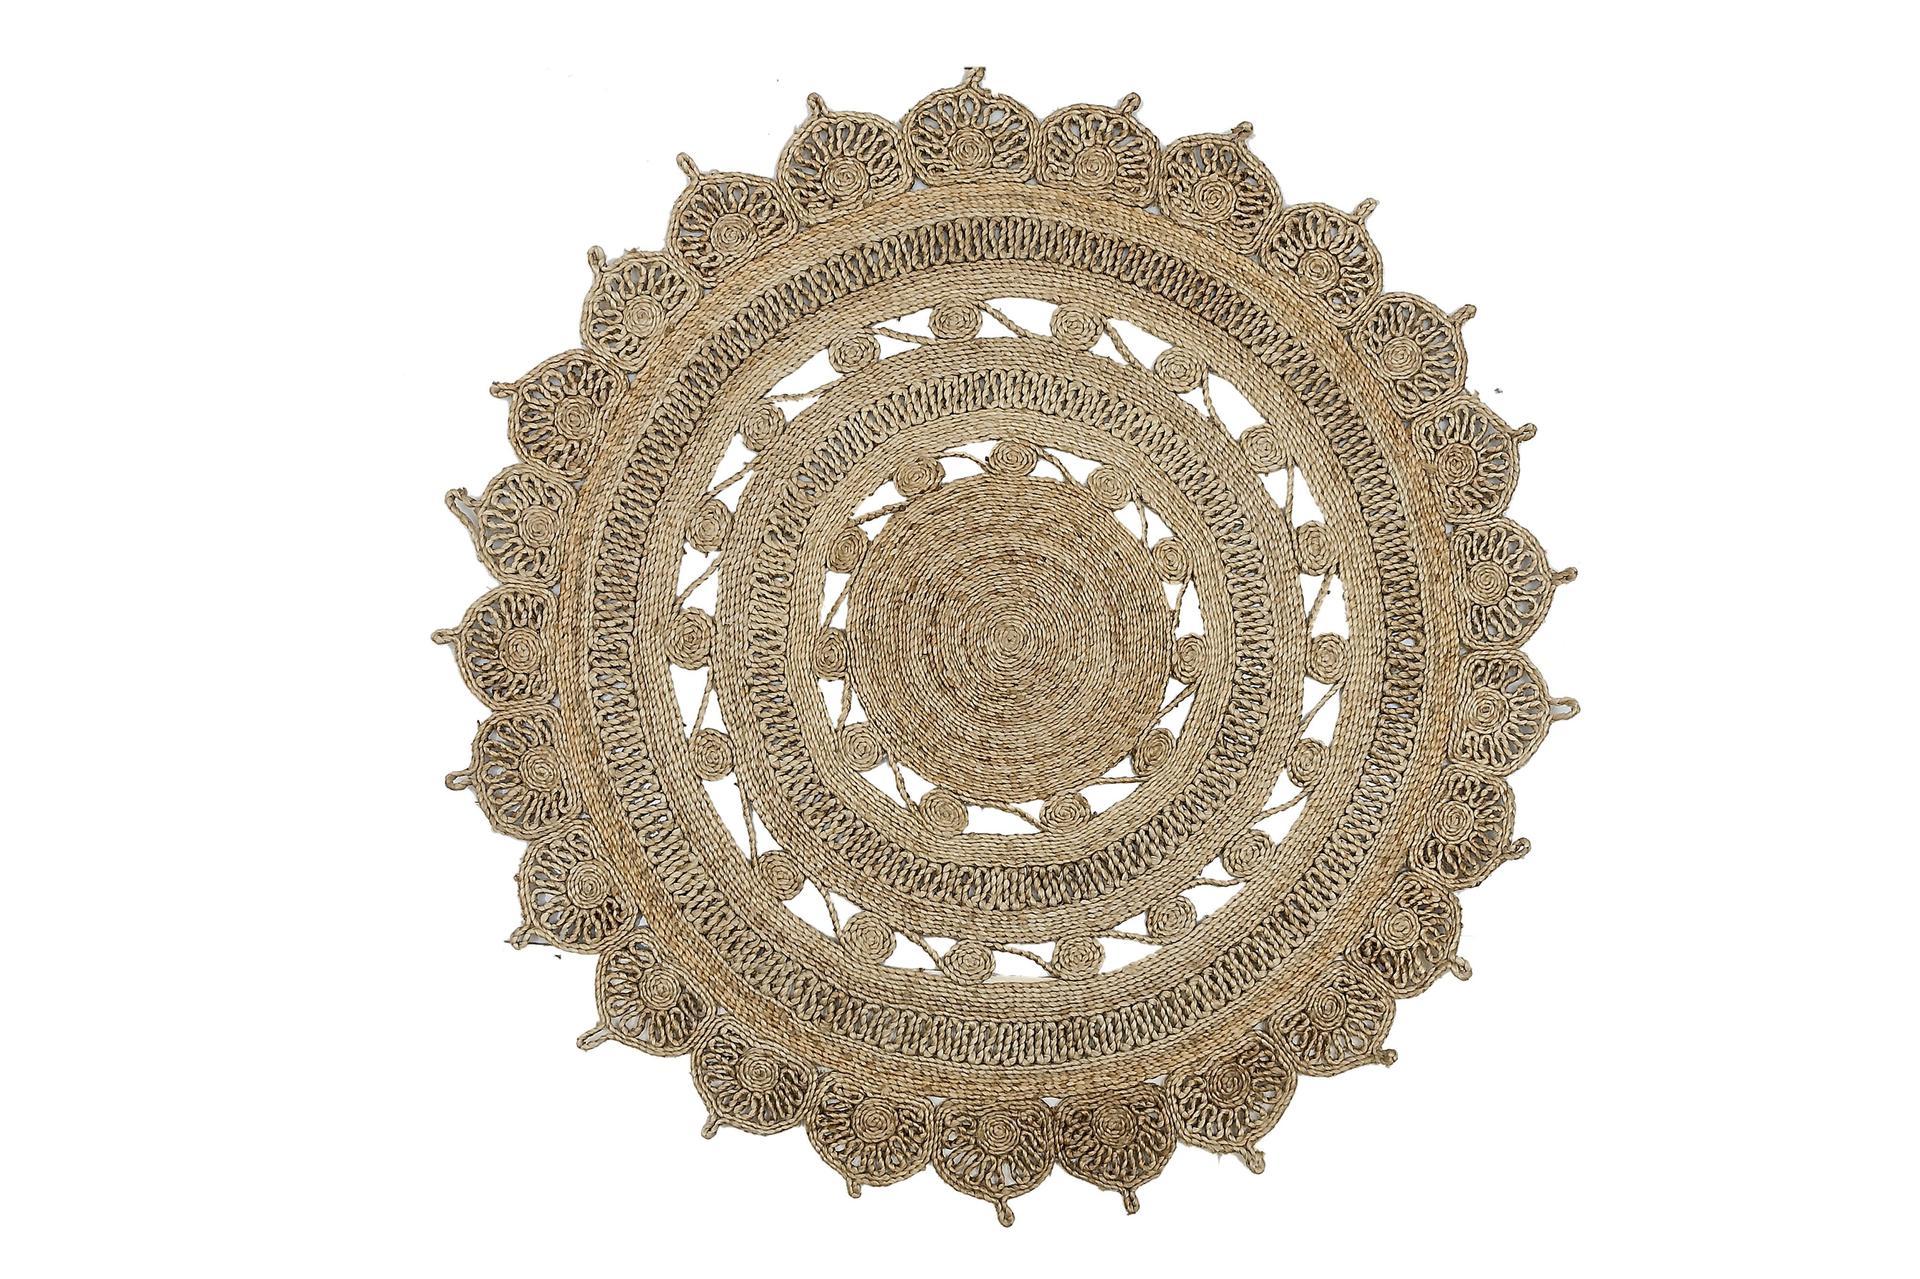 שטיח חבלים עגול, פלורליס. צילום: סטודיו פלורליס